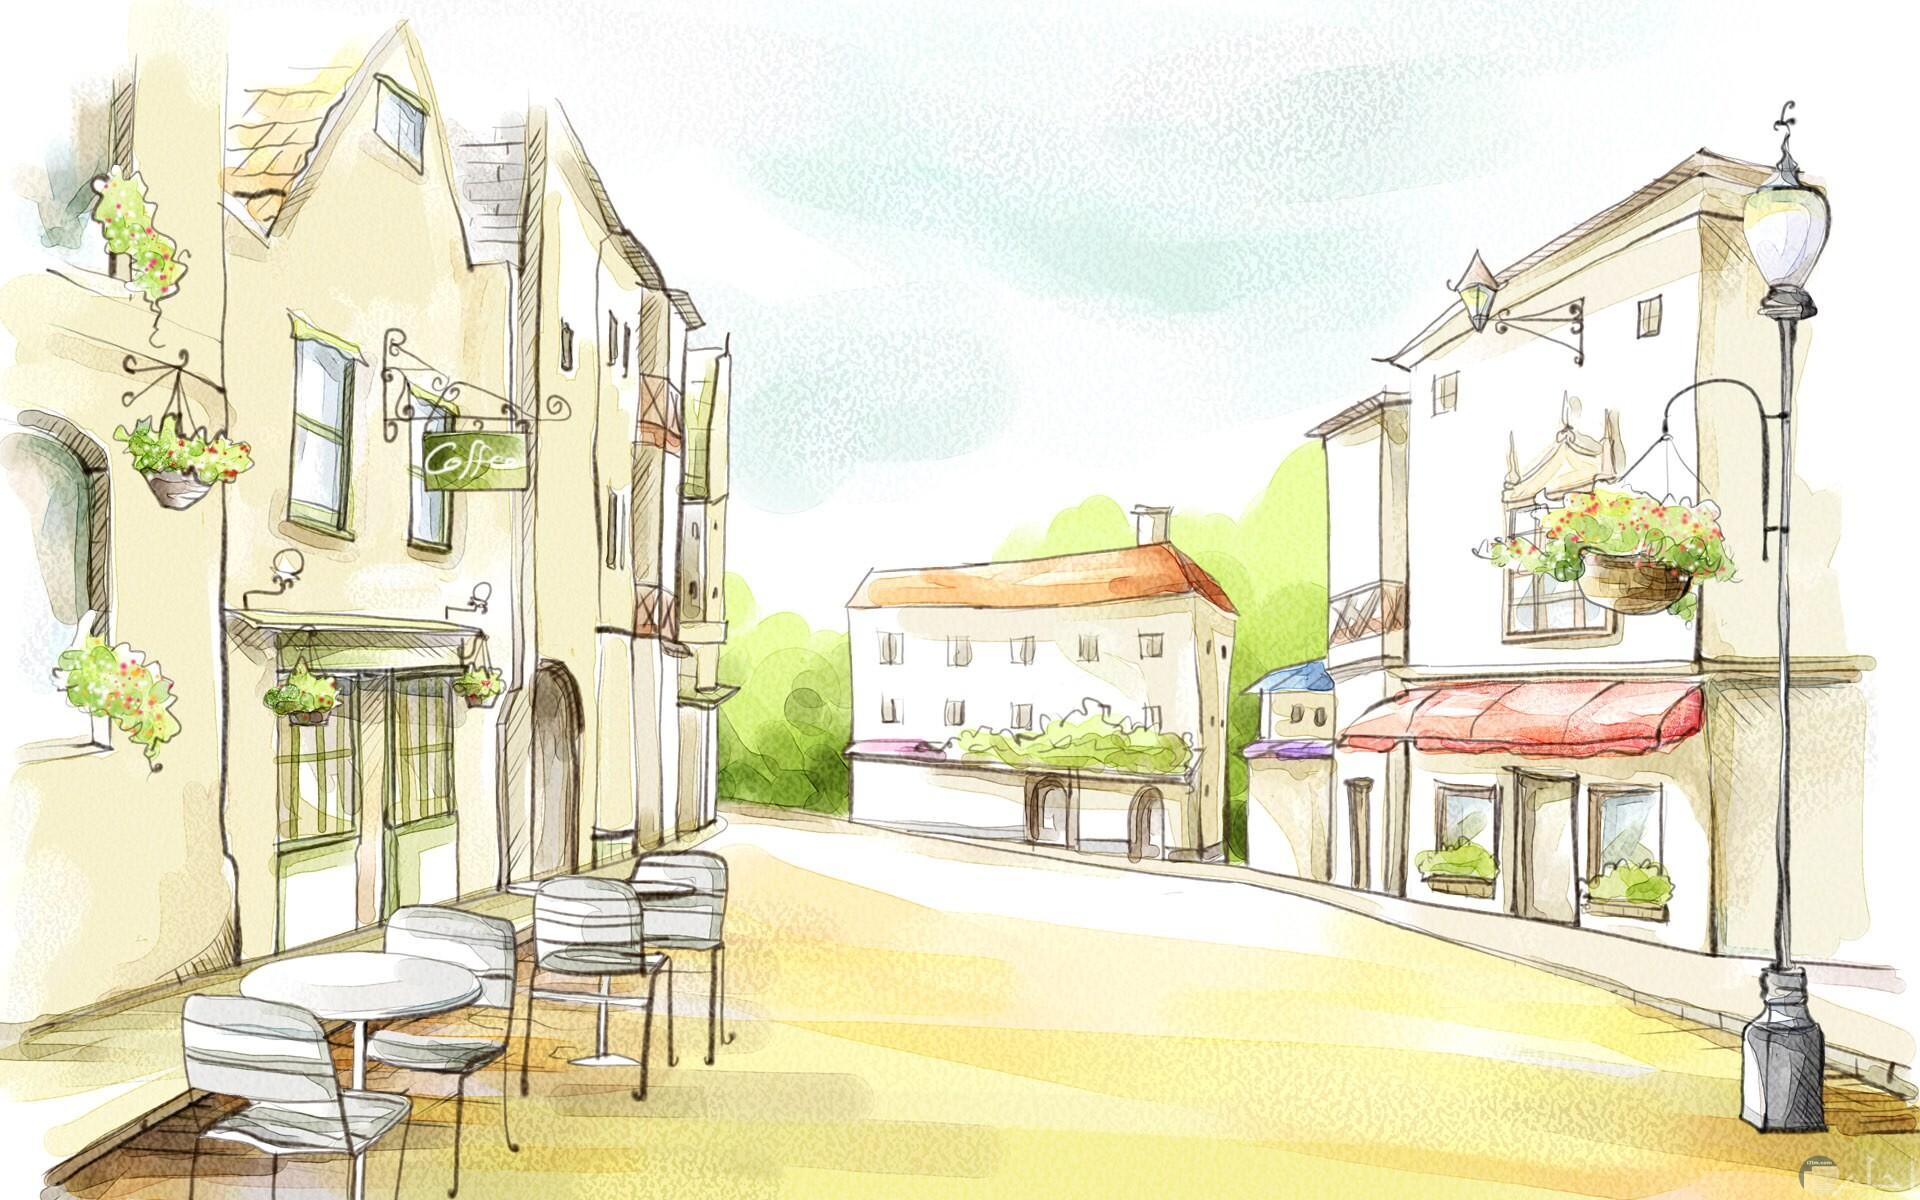 رسومات للبيوت و الشوارع في قرية صغيرة.